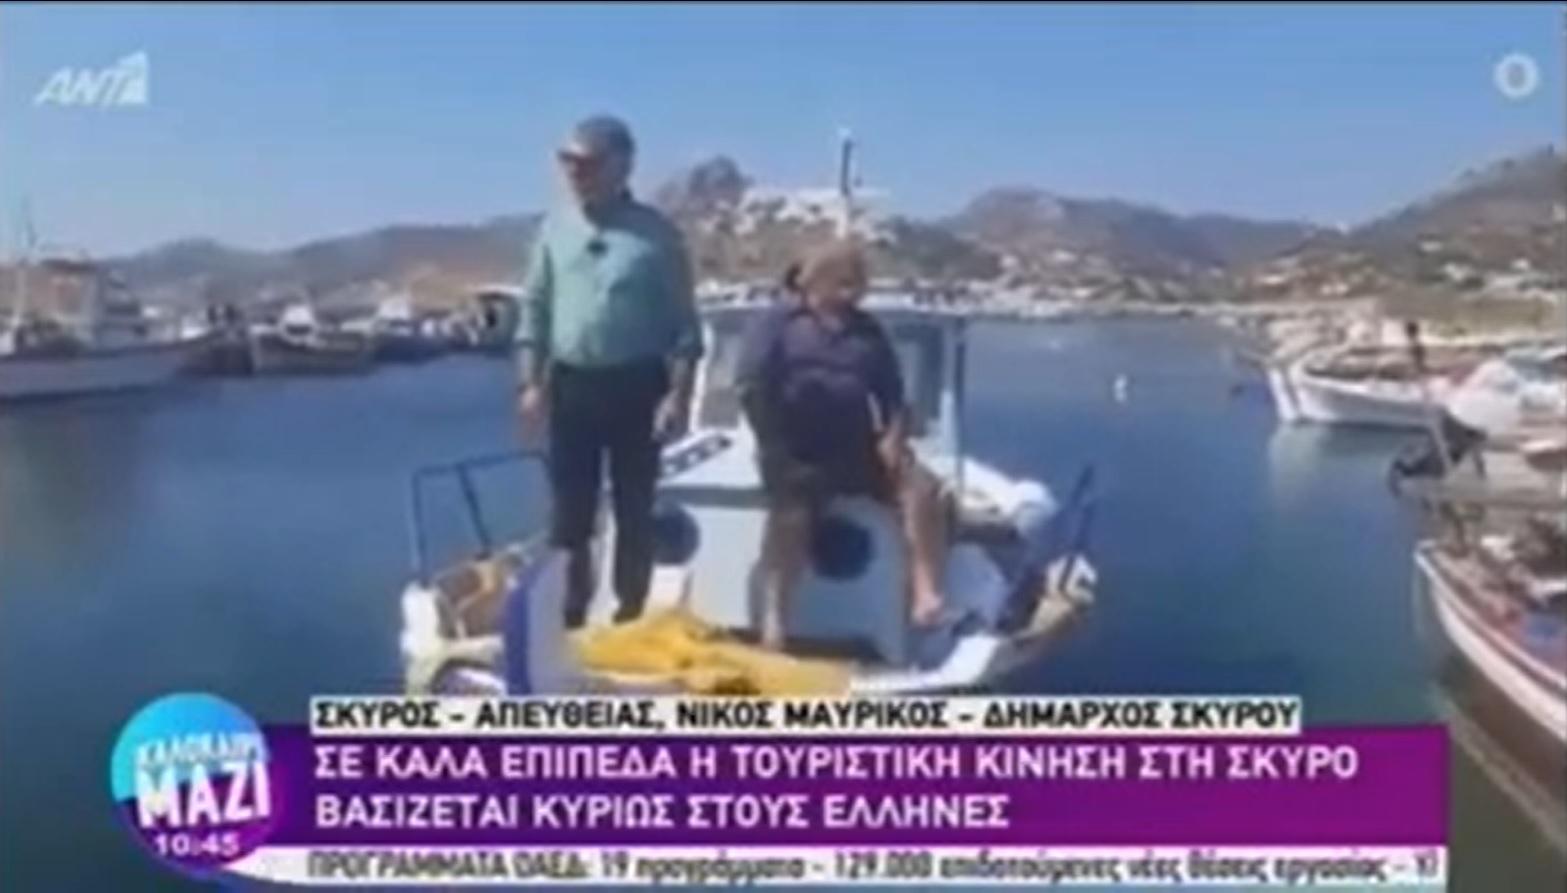 Τα Γλυκά της Φαλταϊνας στον ΑΝΤ1, Σκύρος: Τα Γλυκά της Φαλταϊνας στον ΑΝΤ1, Eviathema.gr | ΕΥΒΟΙΑ ΝΕΑ - Νέα και ειδήσεις από όλη την Εύβοια